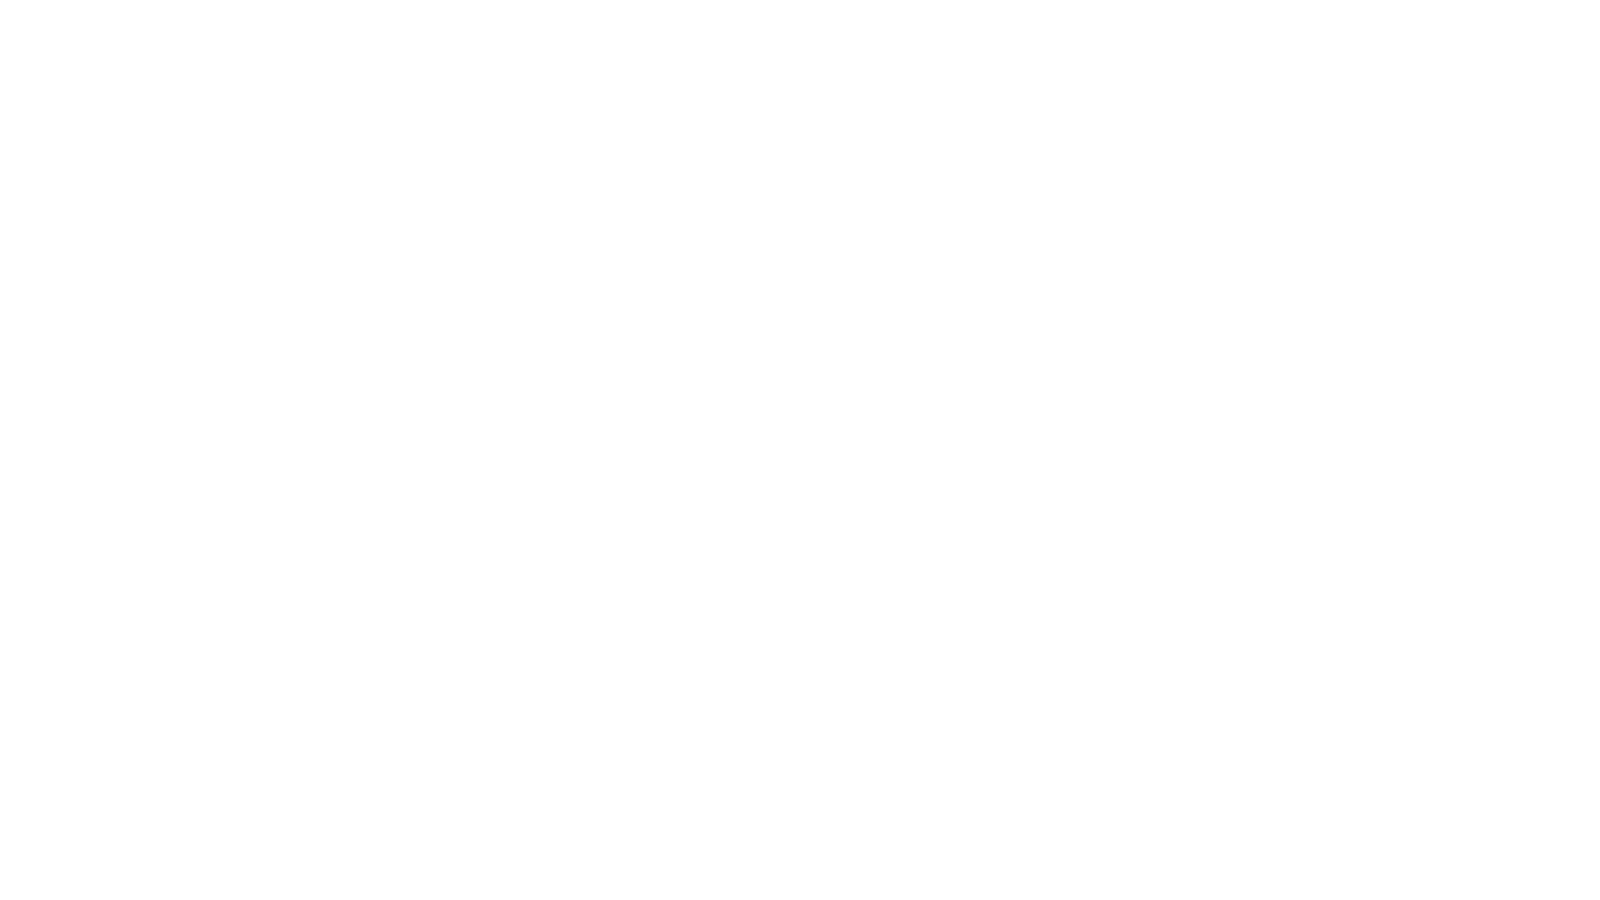 """تصميم معاصر وتجربة تصفح ممتعة  أطلق منتدى آسيا والشرق الأوسط موقعه الإلكتروني بحُلته الجديدة بتصميم معاصر وتجربة تصفح ممتعة، وذلك بعد تحديثه وتطويره وإضافة أيقونات جديدة تعكس رؤية المنتدى بصورة أكثر انسيابية وتفاعلية، وبالتالي سهولة الوصول وتزويد المهتمين بأهم الأخبار والقضايا الشرق أوسطية والشؤون الآسيوية.  يستعرض الموقع فعاليات وأنشطة المنتدى المختلفة من مؤتمرات وورش عمل ودورات وندوات متنوعة، بالإضافة إلى احتوائه على كافة إصدارات مجلة """"آسيا بوست"""" التي يصدرها المنتدى بشكل دوري. كما ويُخصص الموقع قسم خاص بمواد النشر من مقالات تخصصية وتقارير ودراسات دورية مستندة إلى أبحاث وأوراق علمية موثوقة يقوم عليها مجموعة من الكُتّاب والشخصيات والمحللين السياسيين البارزين.  وفيما يتعلق بالشكل العام، يخصص الموقع عدة أقسام رئيسية تظهر في الواجهة الرئيسية للموقع، مثل: مجلة آسيا بوست، الأبحاث والدراسات، المقالات والتقارير، المؤتمرات، المجلة العلمية المحكمة، الأخبار، الوسائط.  ومن الجدير بالذكر أن منتدى آسيا والشرق الأوسط هو منصة رائدة لحوار آسيوي - شرق أوسطي يسعى للمساهمة في الارتقاء بمستوى المعرفة الثقافي والسياسي والإعلامي، وزيادة مستوى التفاعل بين عموم بلدان قارة آسيا ومنطقة الشرق الأوسط، وتوفير فرص التواصل الفعّال والحوار بين المهتمين من كلا الجانبين.  منتدى آسيا والشرق الأوسط إسطنبول - تركيا   2021"""